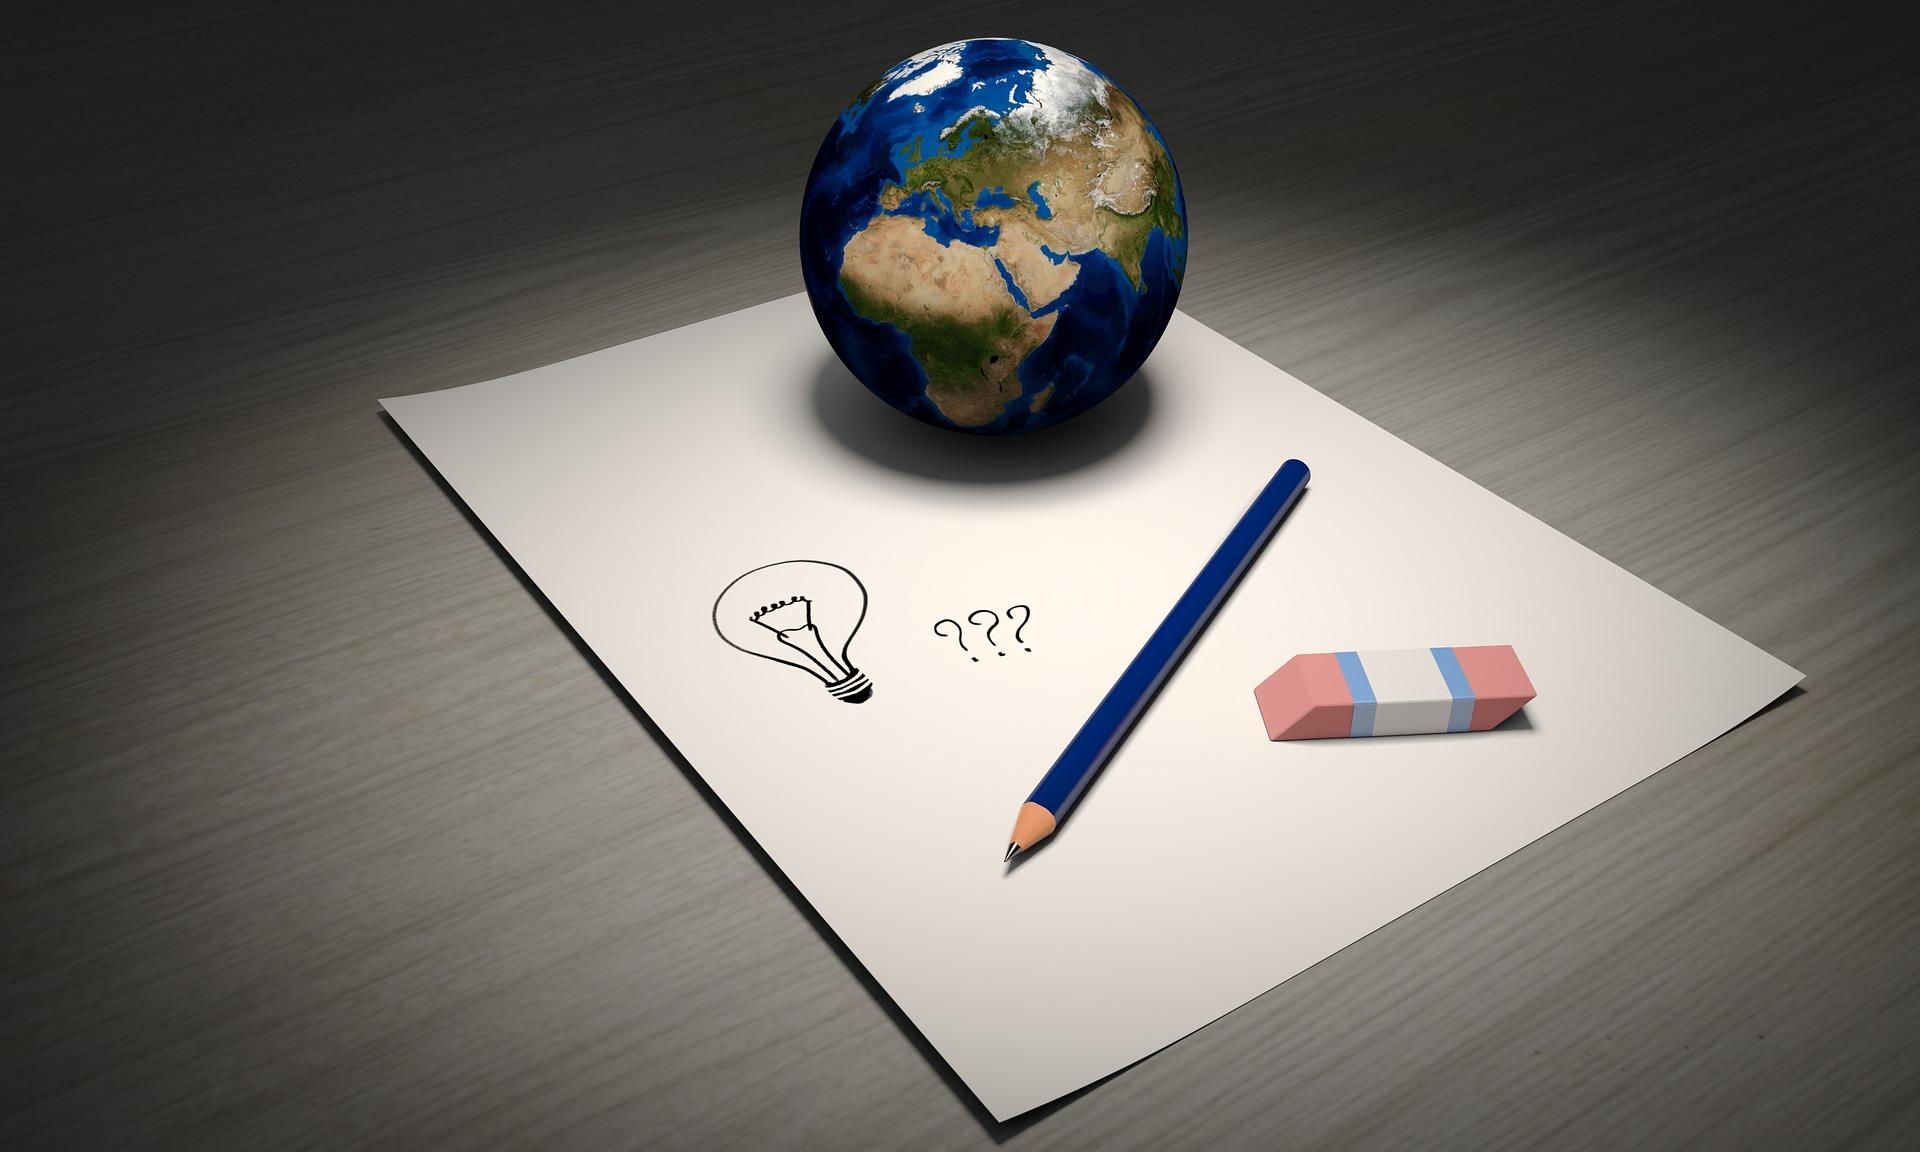 Papir på et bord - med en blyant, et viskelæder og en lille globus. På papiret er der tegnet en pære som symbol på at få ideer